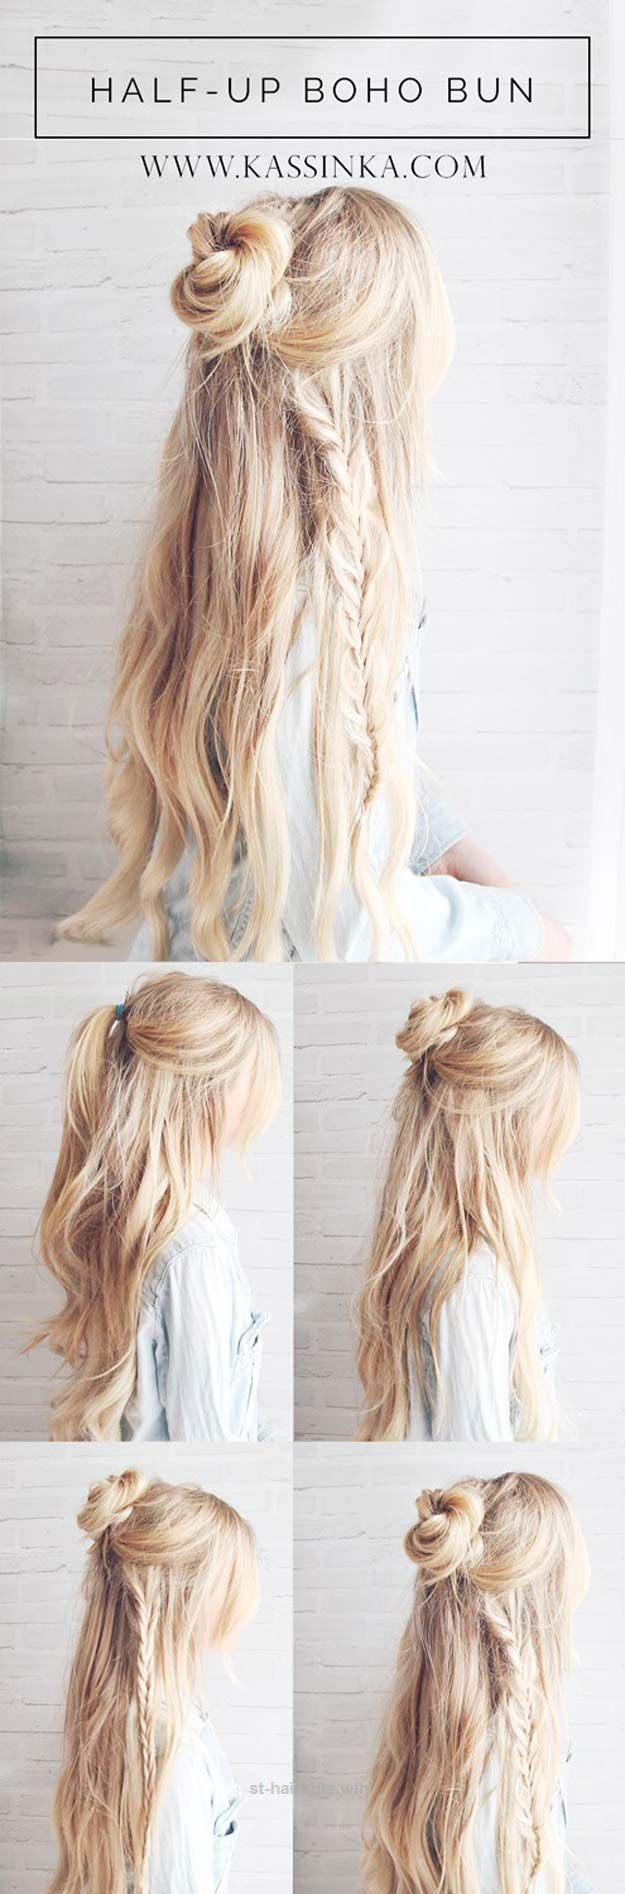 Festival hair tutorials halfup boho braided bun hair tutorial